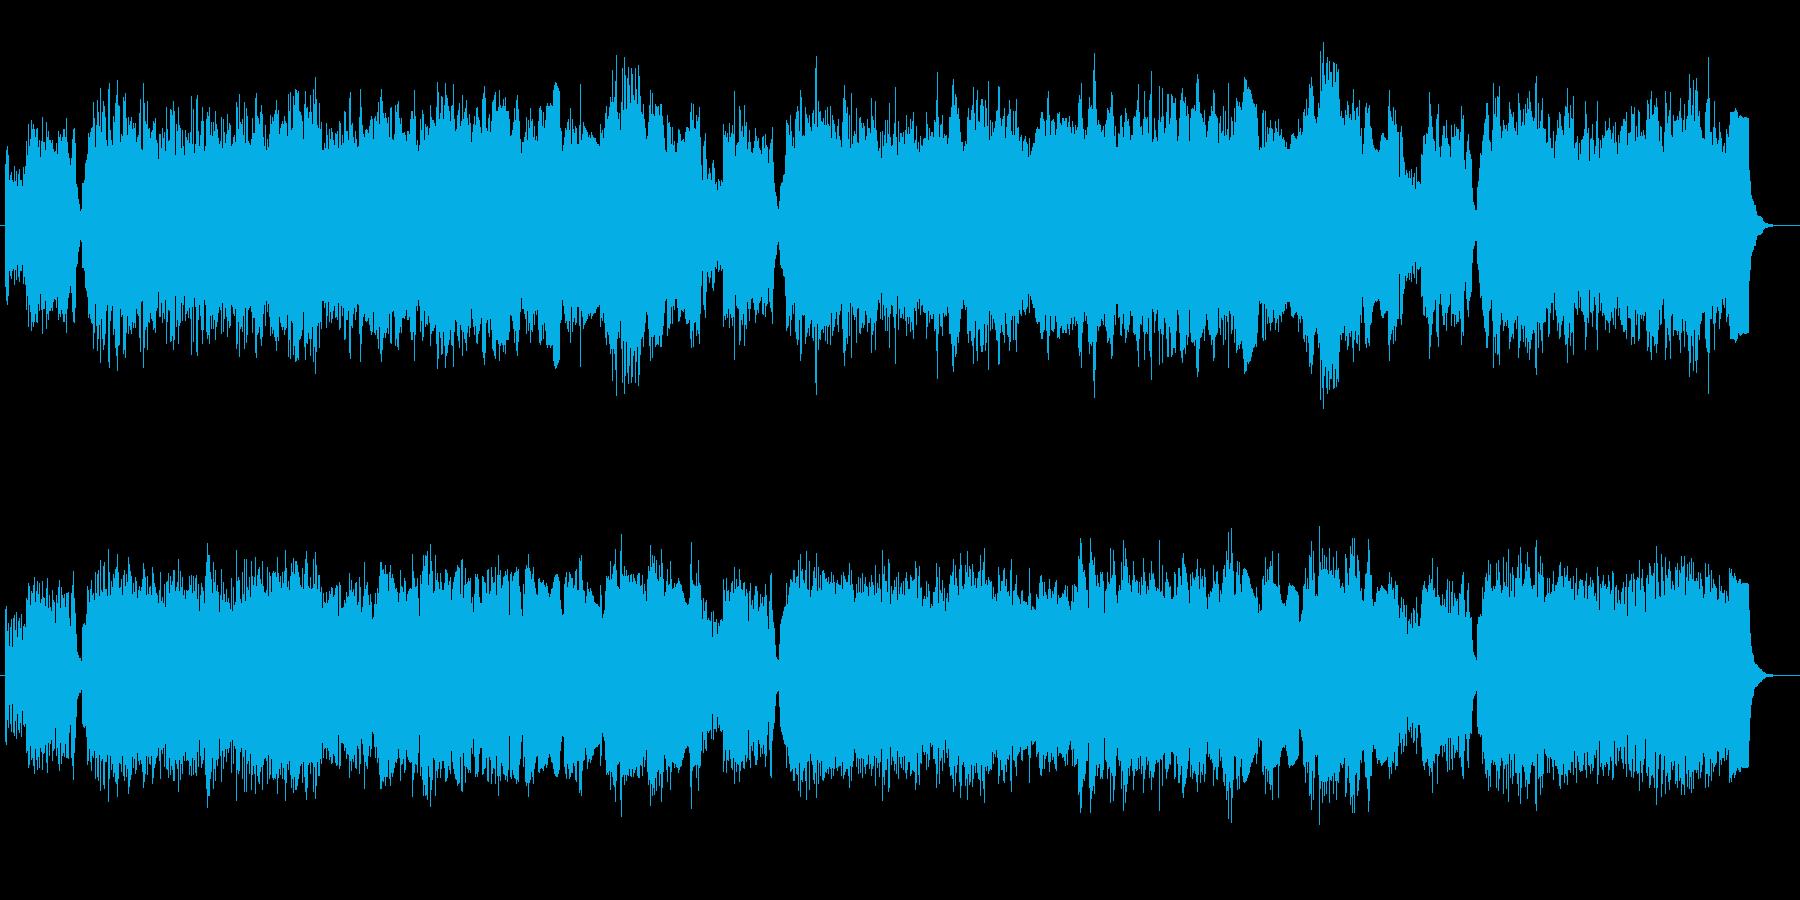 パイプオルガンでブランデンブルク協奏曲5の再生済みの波形